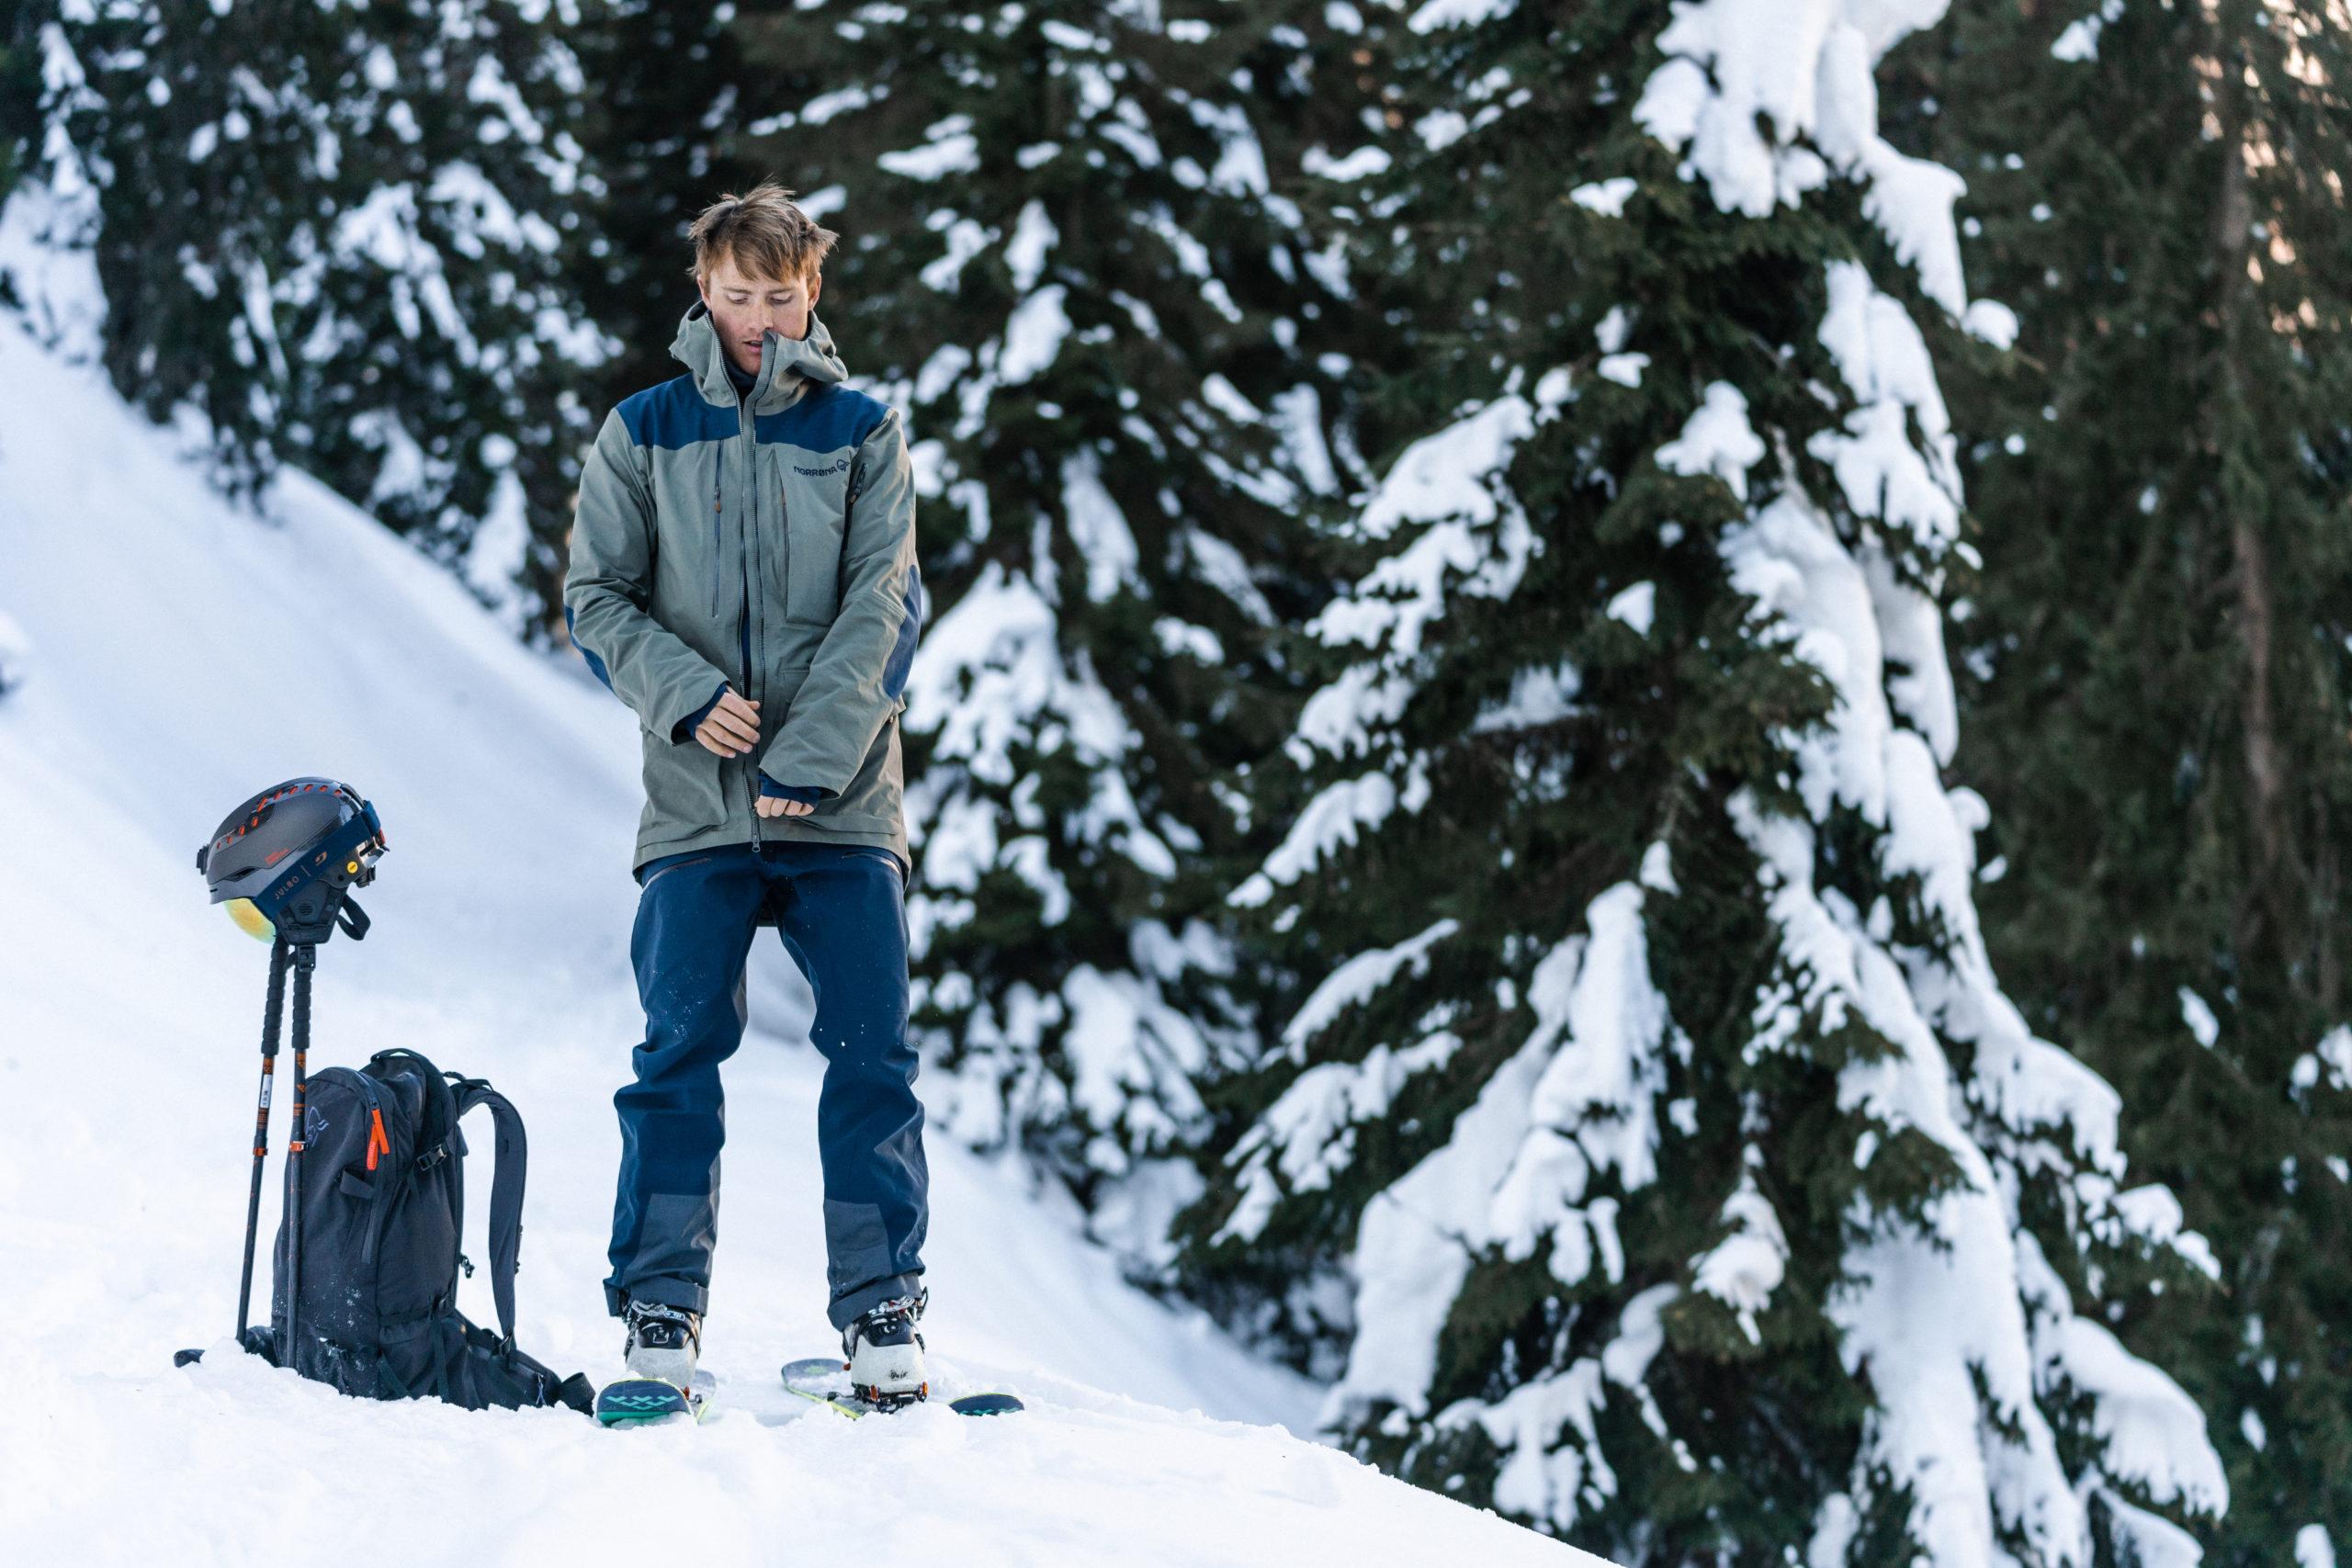 shredder and filmmaker Nikolai Schirmer lyngen